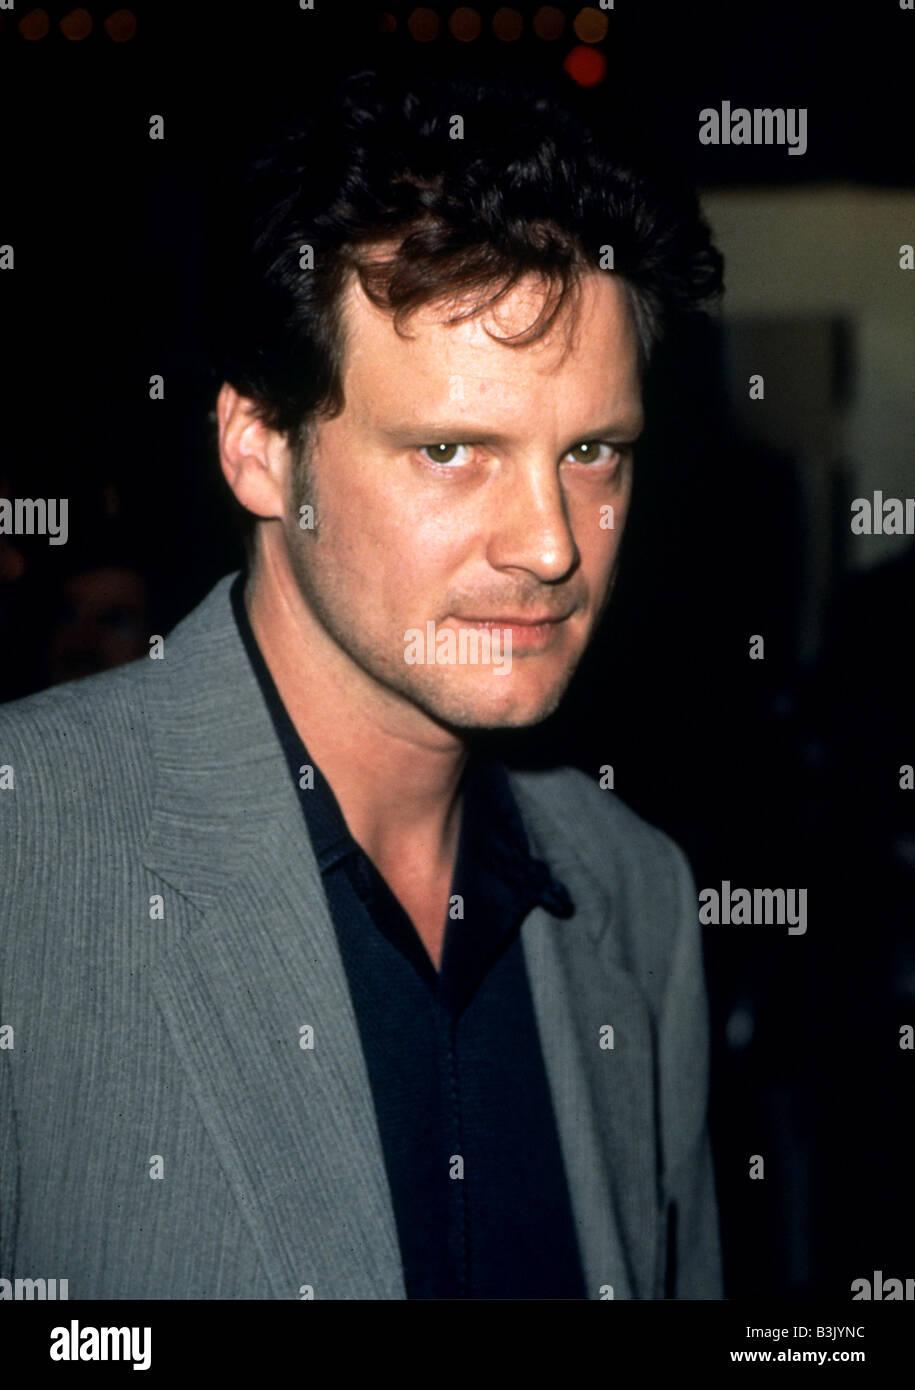 Schauspieler COLIN FIRTH UK im Jahr 2006 Stockbild